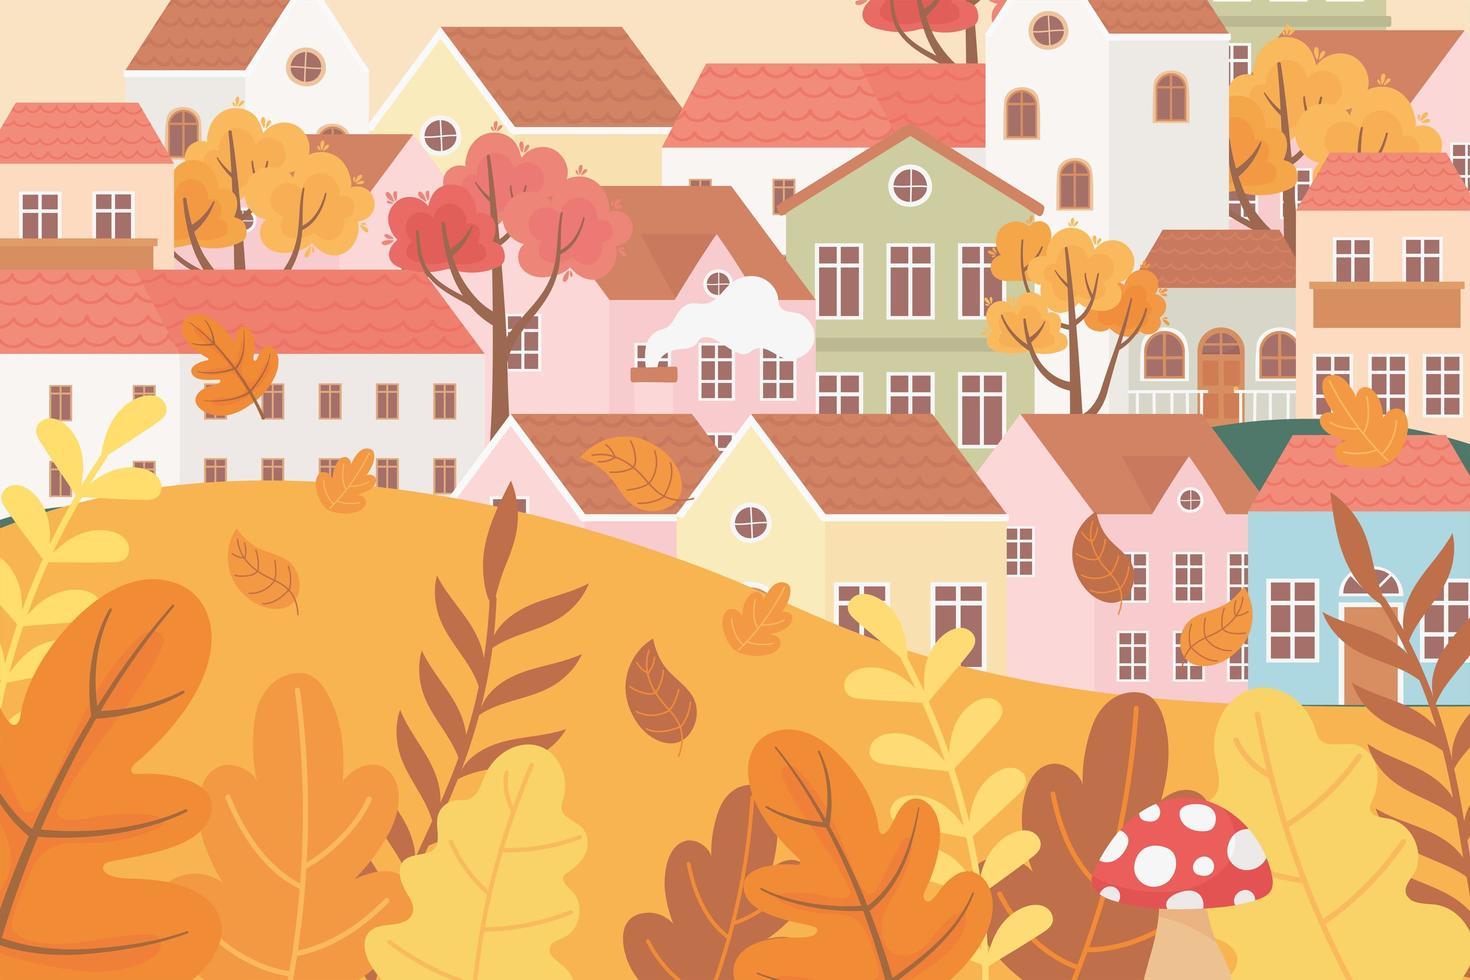 landskap på hösten. byhus, svamp och löv vektor